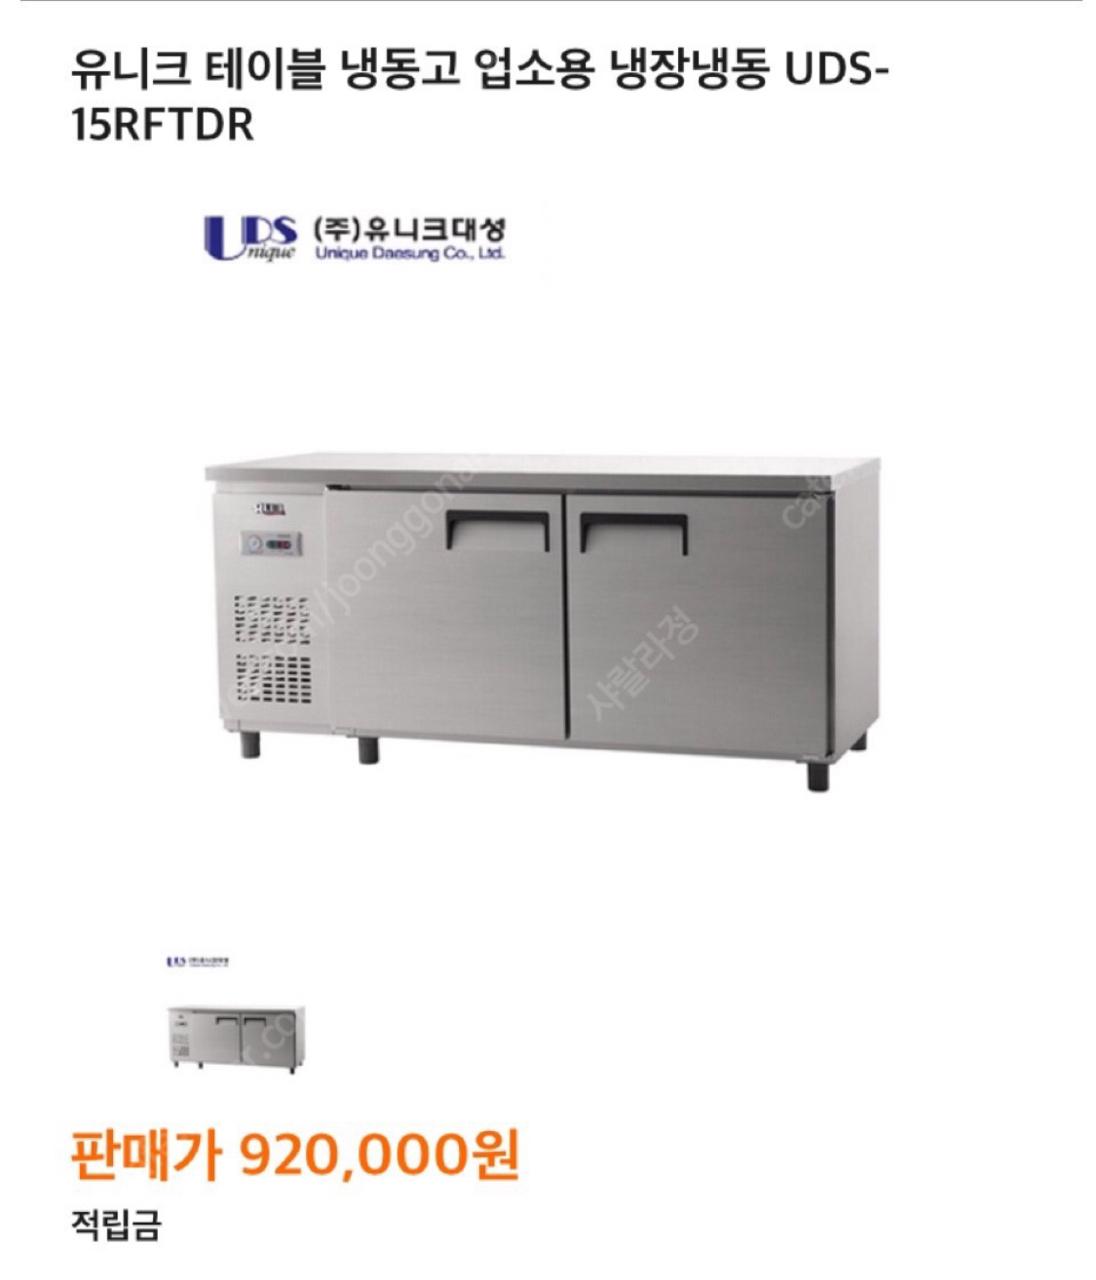 업소용 저렴하게 35만원 팝니다.(냉장,냉동가능)